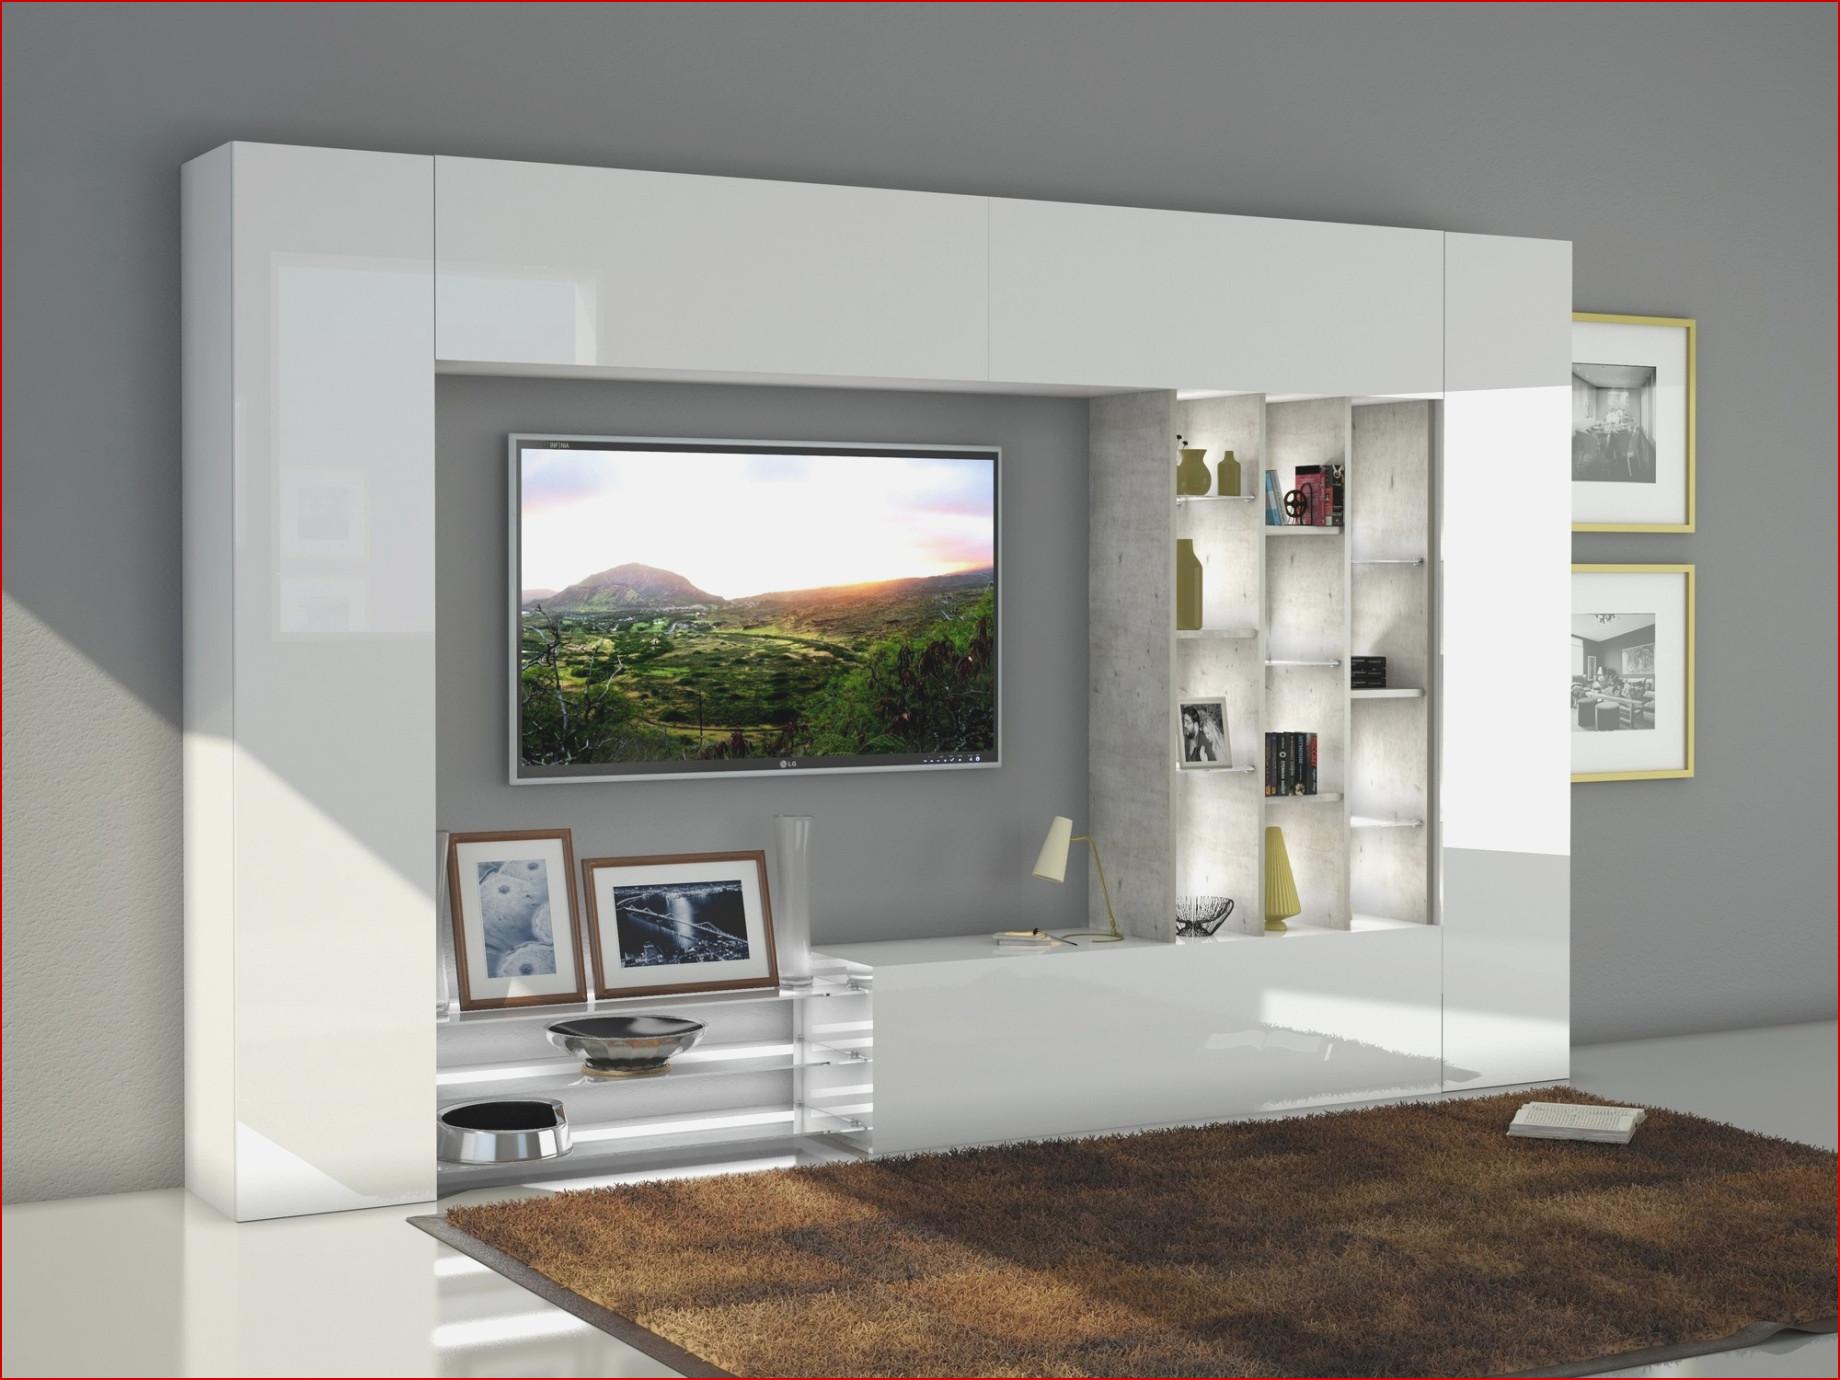 Decoration murale salon tv - Design en image